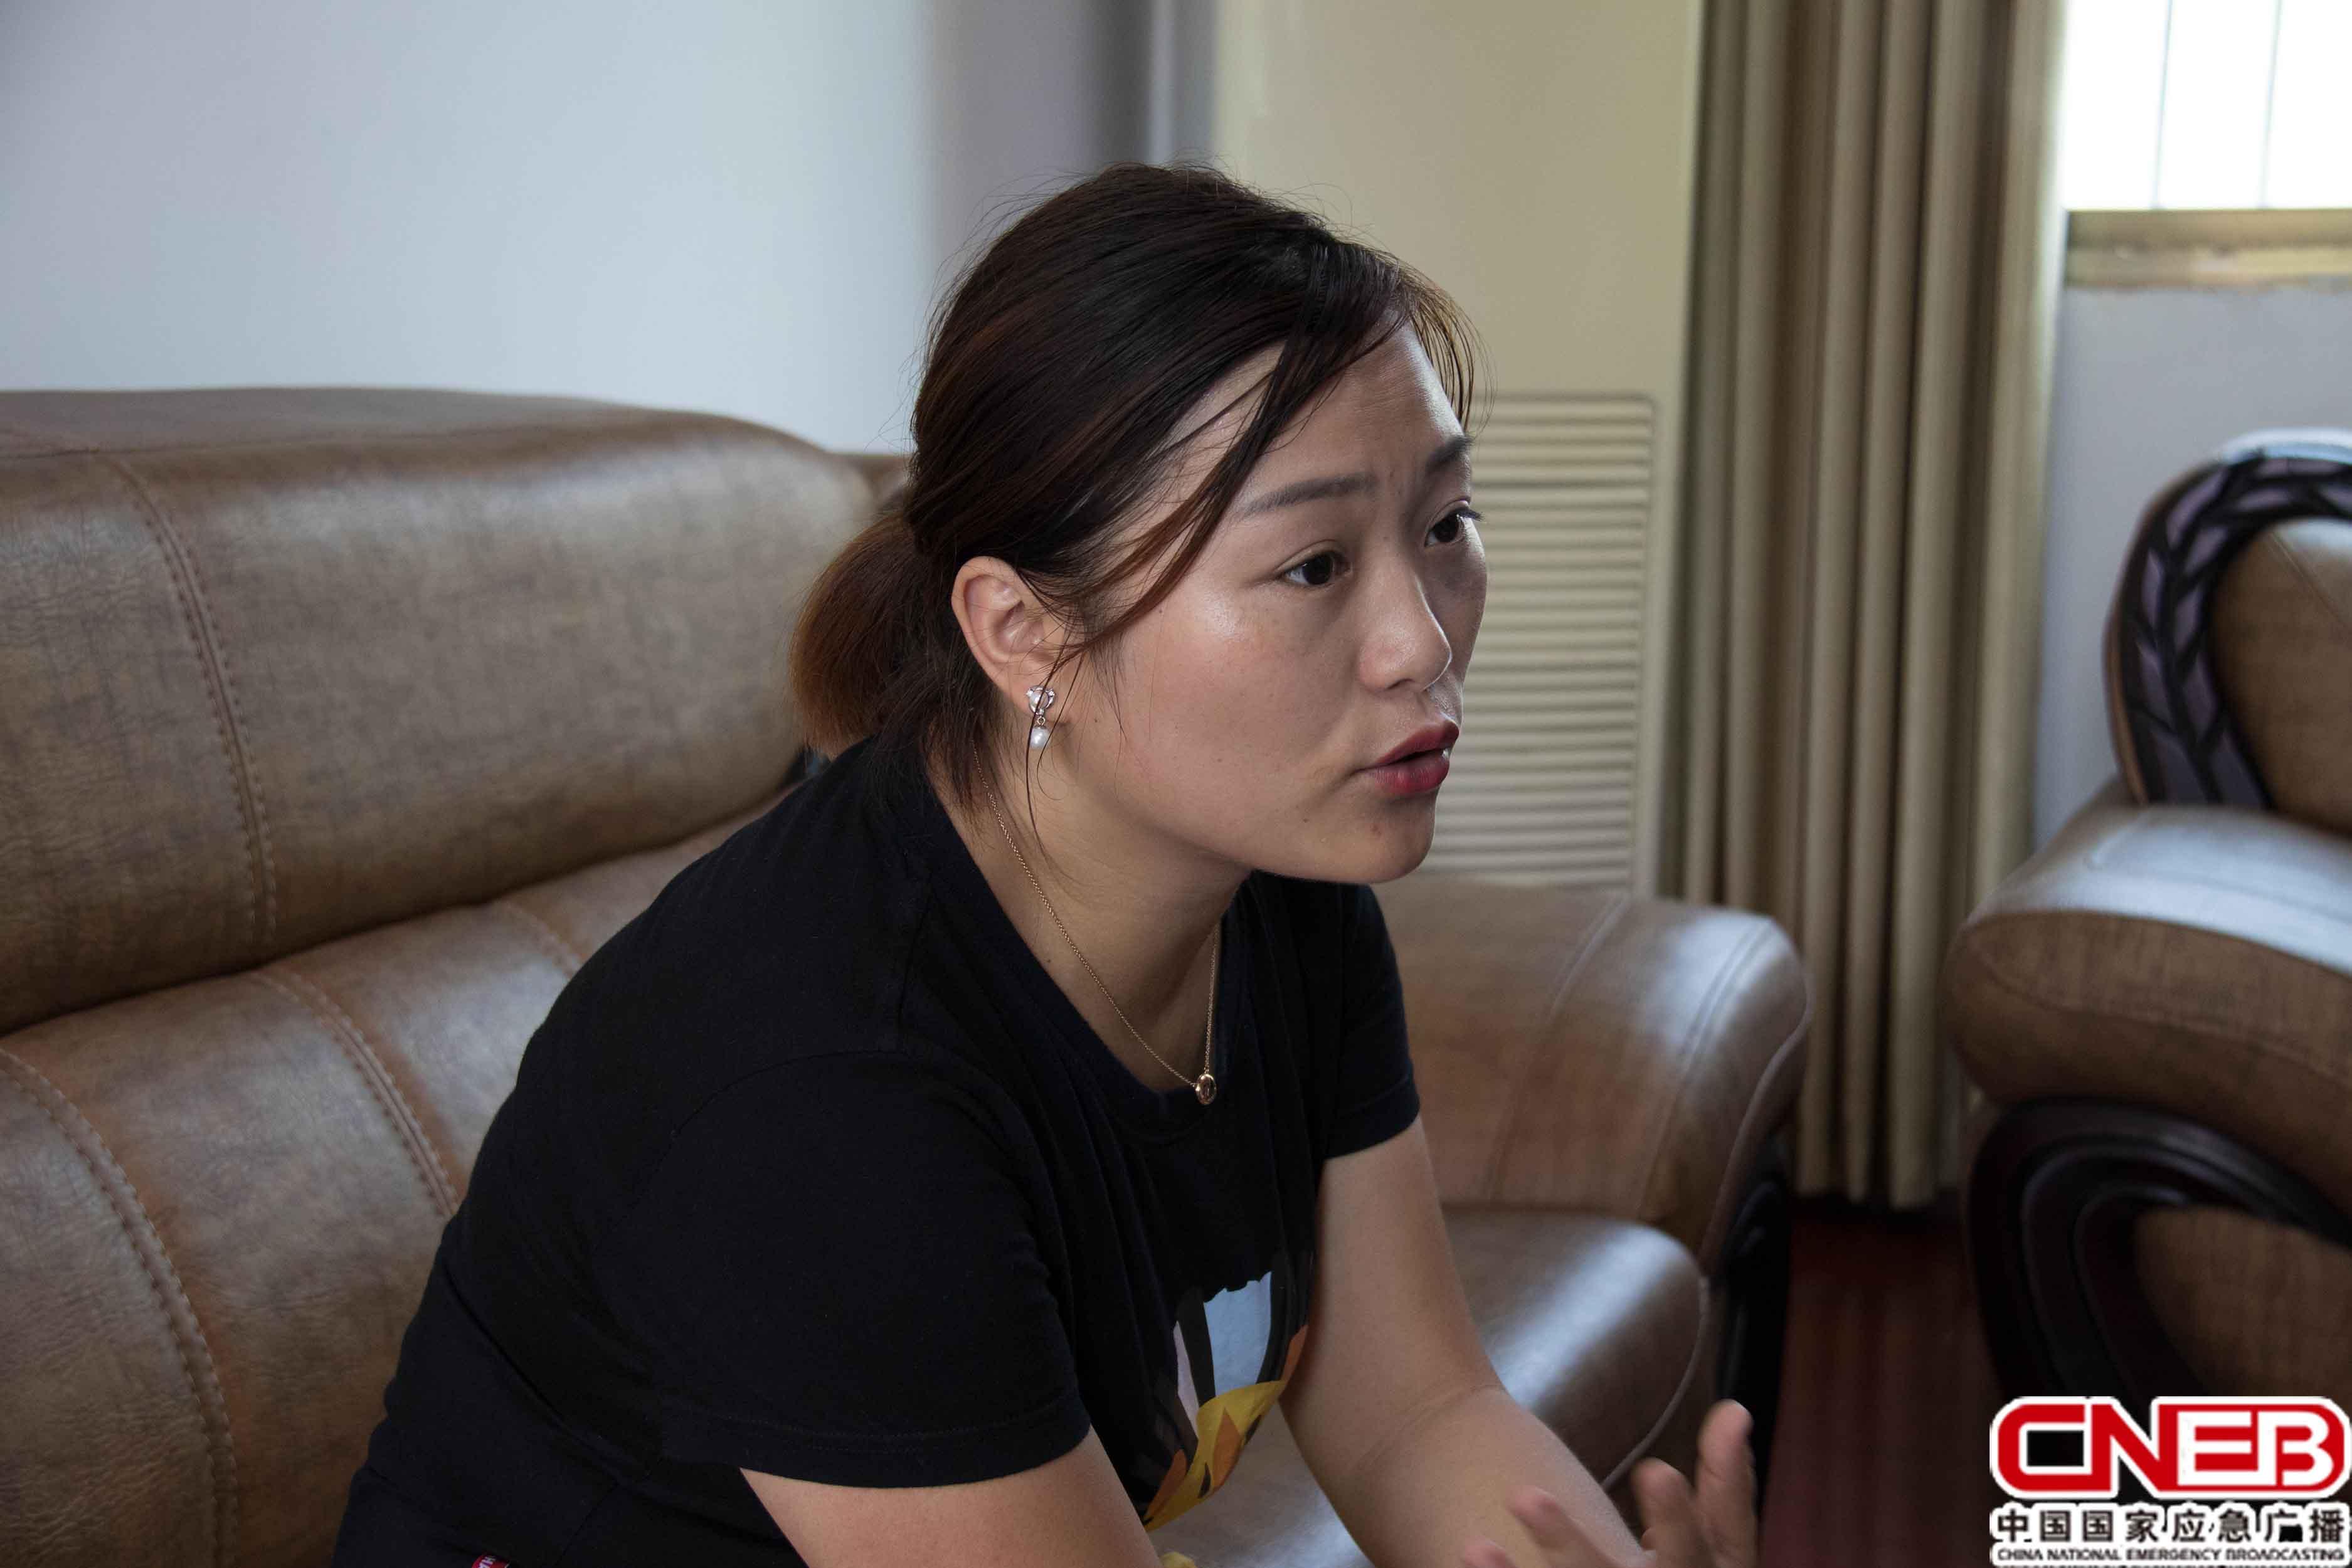 黎圩镇综治办主任邓莉莎(国家应急广播网记者王雨薇_摄)